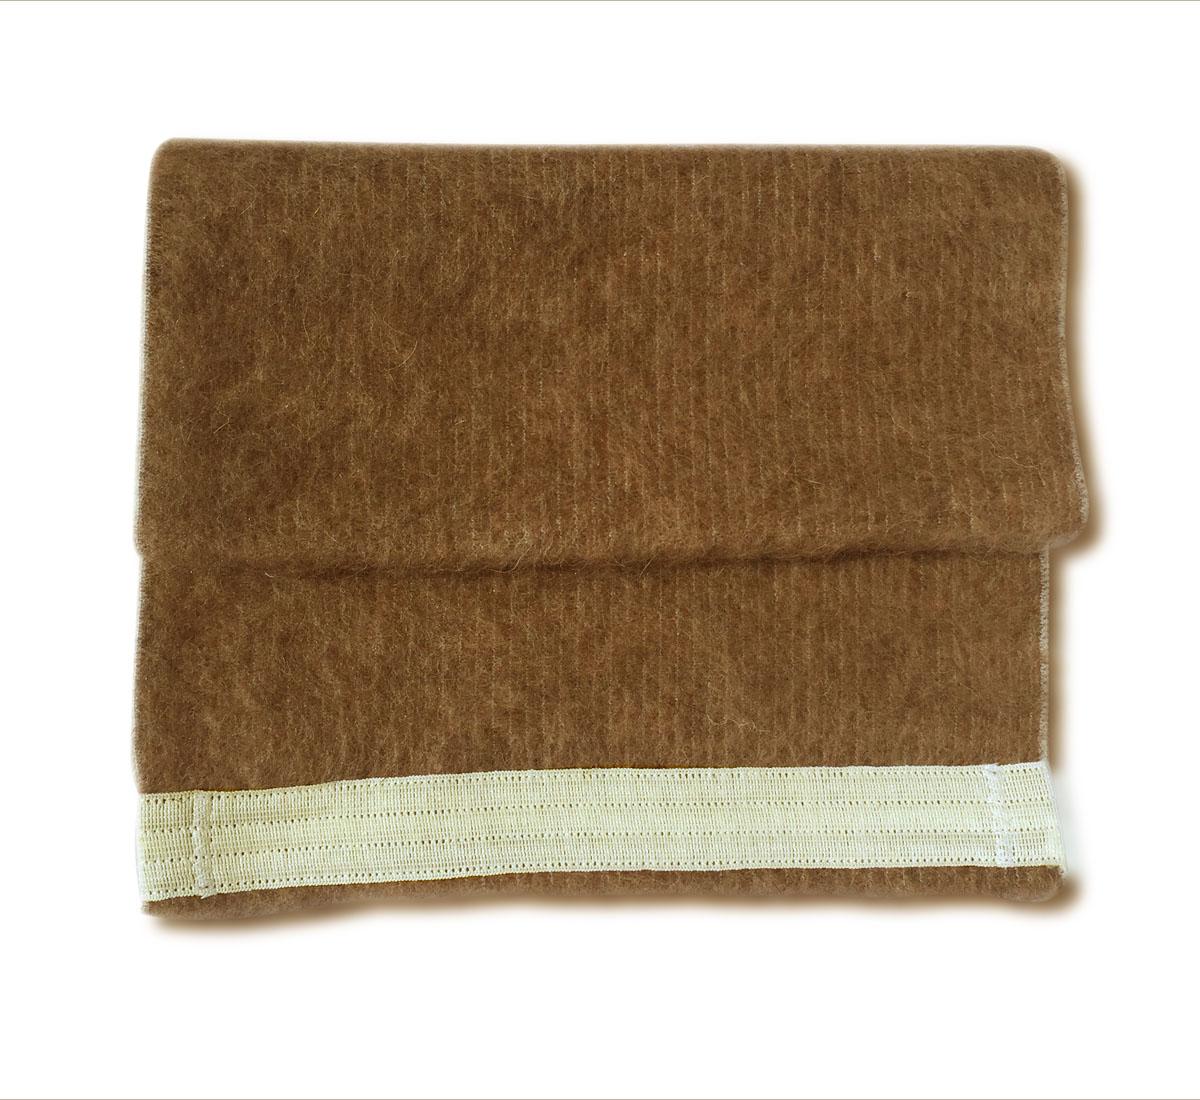 Пояс-бандаж согревающий, верблюжья шерсть, размер 4 (талия 82-97) (ИМН)